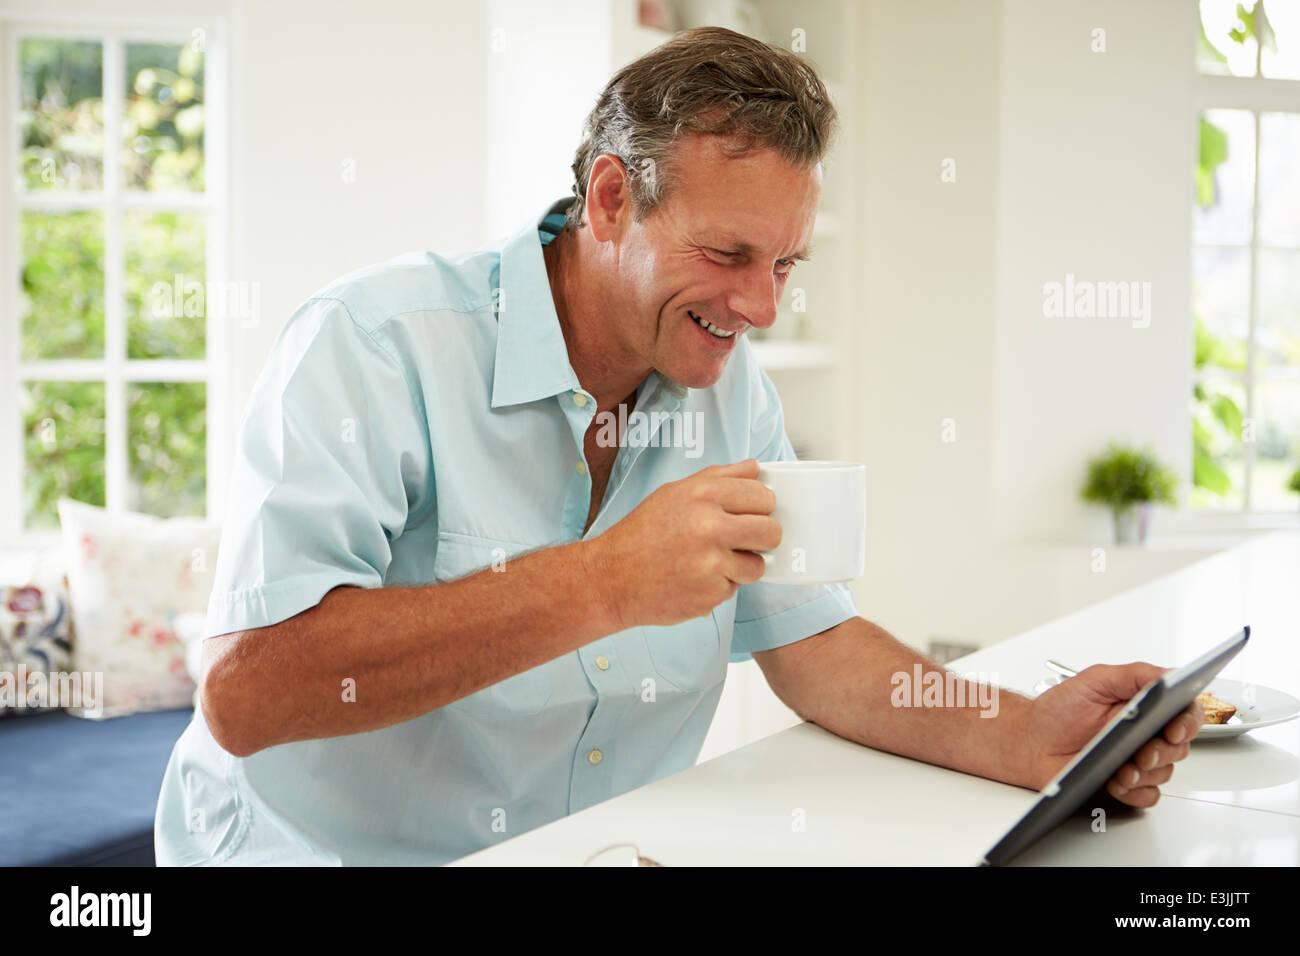 Applying Mann mit Digital-Tablette über Frühstück Stockbild